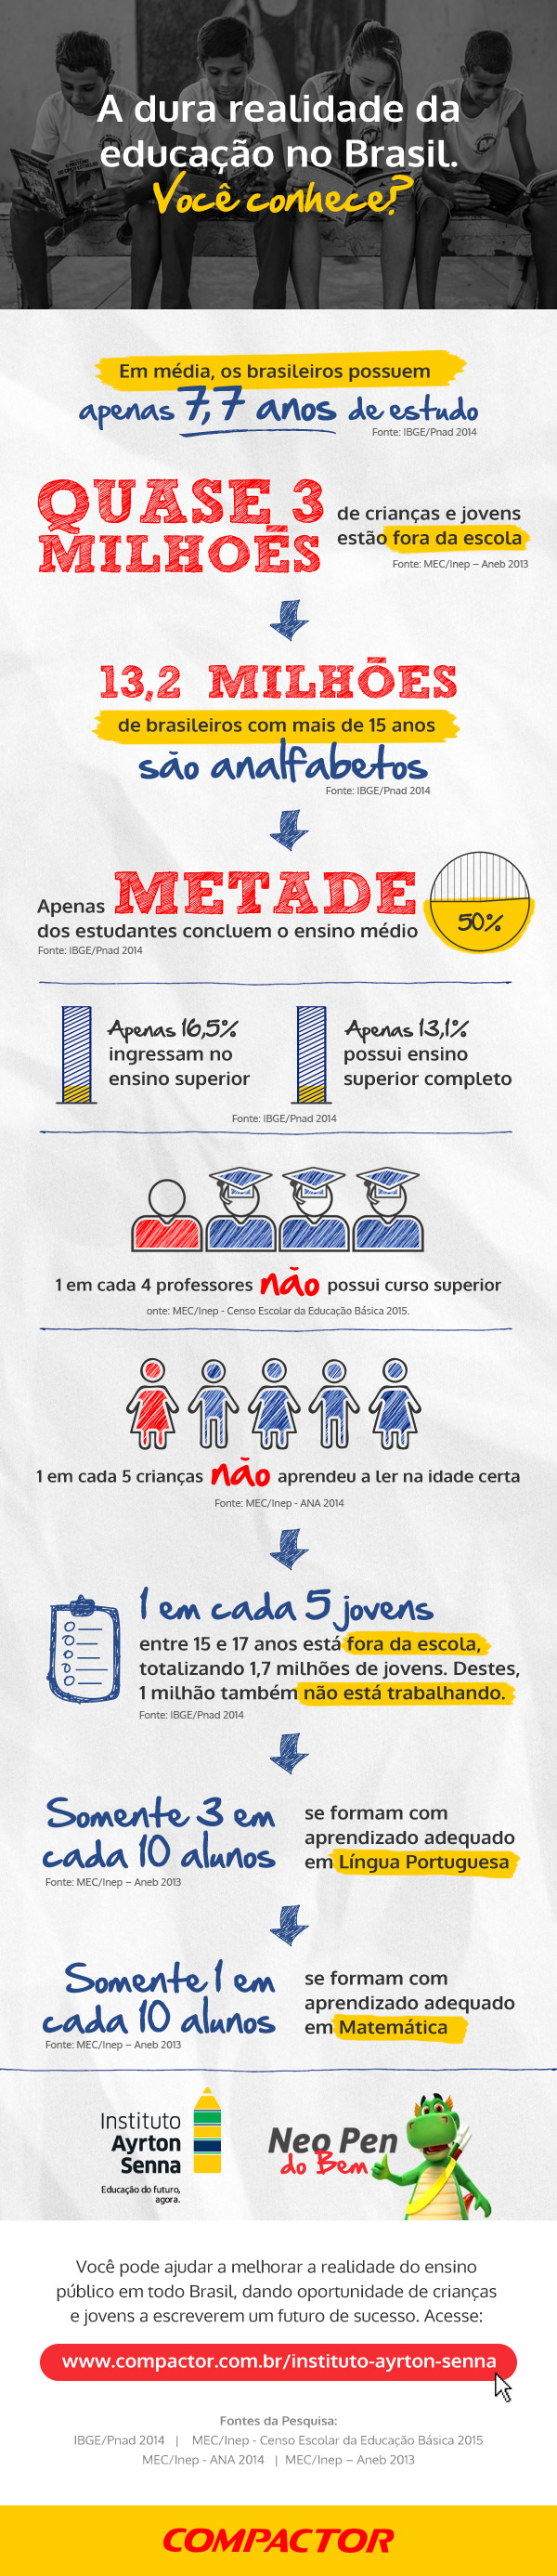 Infográfico: a dura realidade da educação no Brasil.